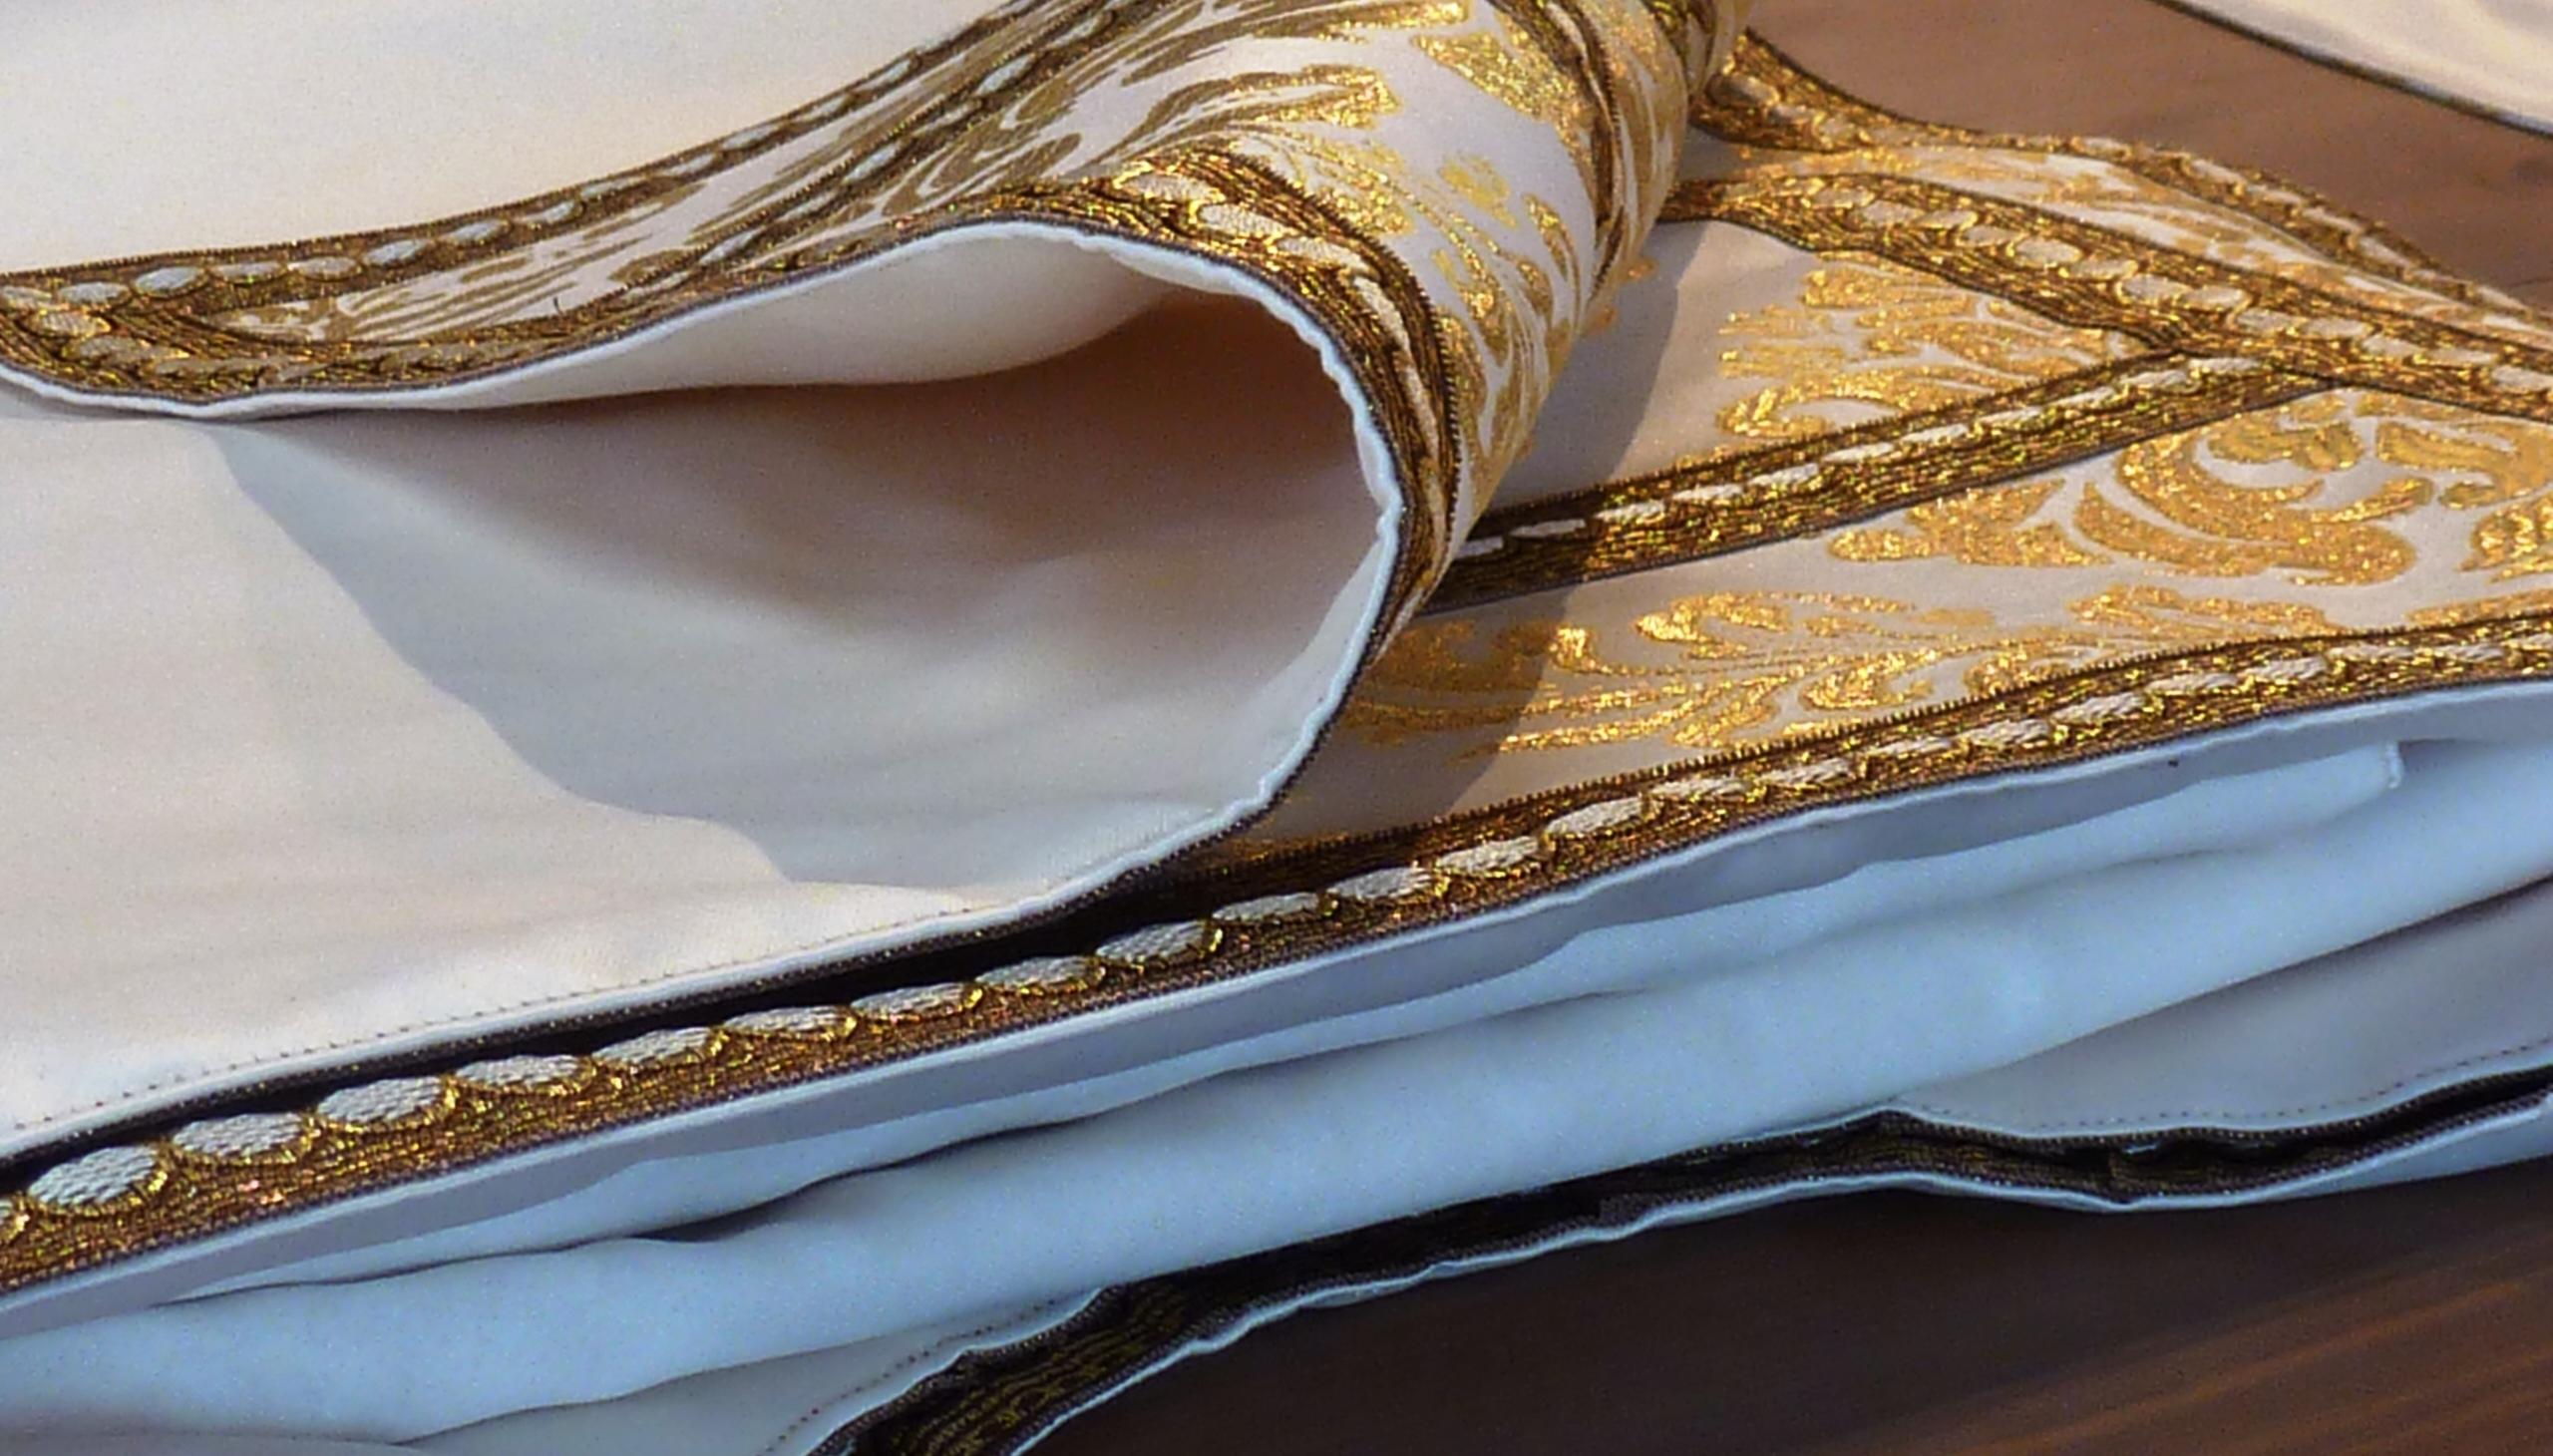 Detalle del tejido de la dalmática